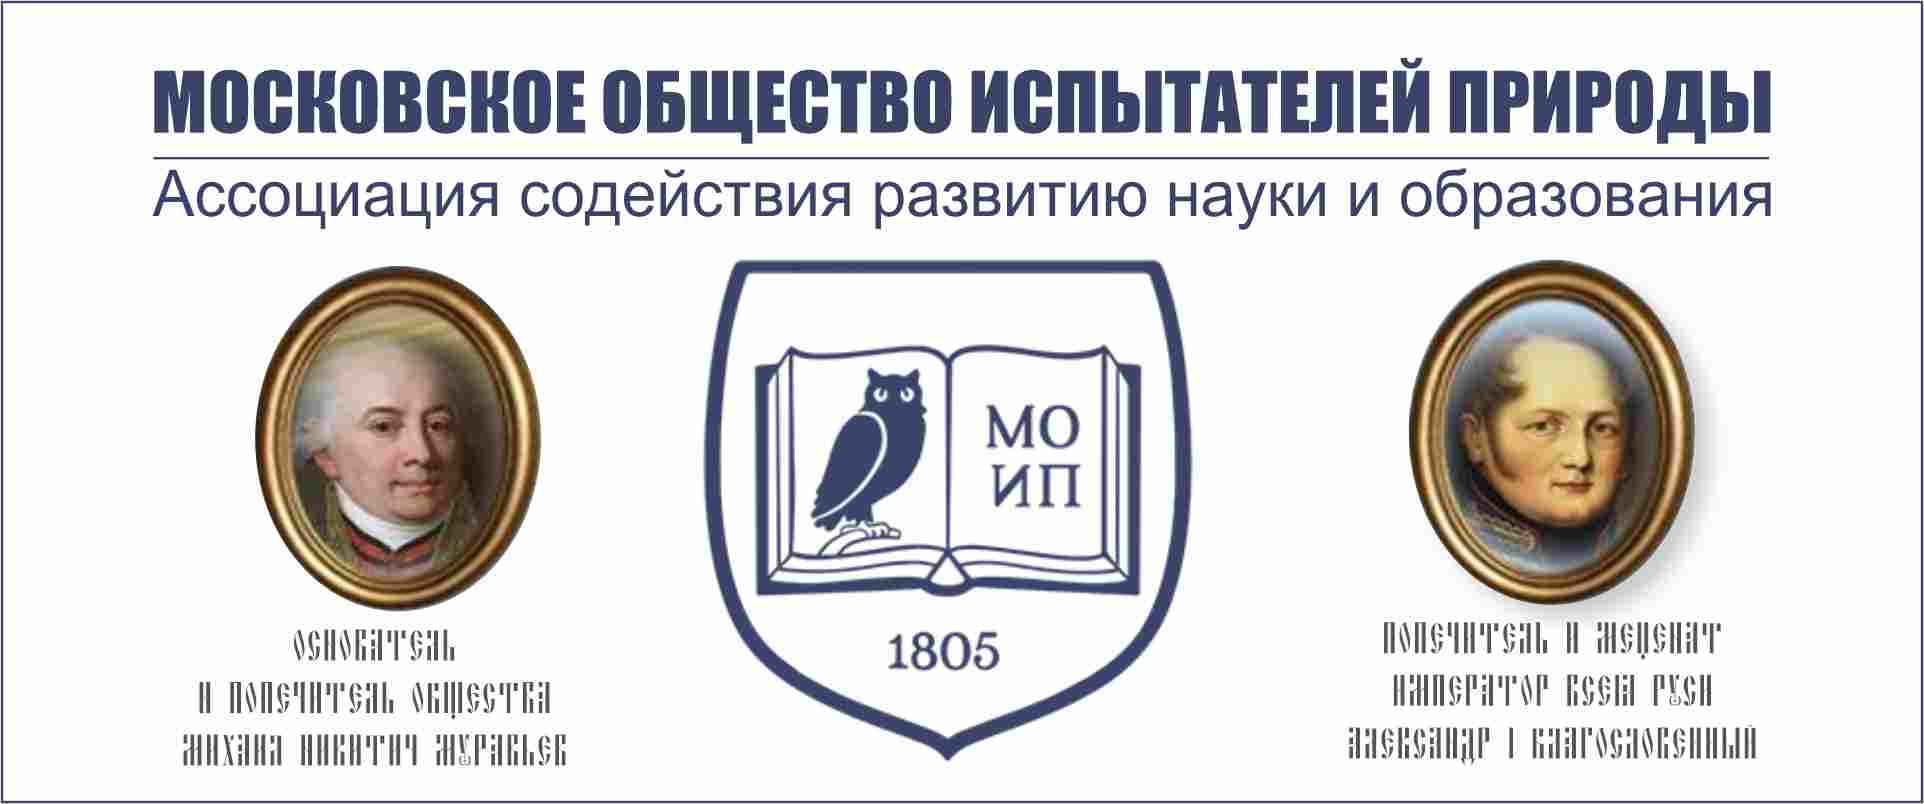 МОСКОВСКОМУ ОБЩЕСТВУ ИСПЫТАТЕЛЕЙ ПРИРОДЫ  ИСПОЛНЯЕТСЯ 215 ЛЕТ